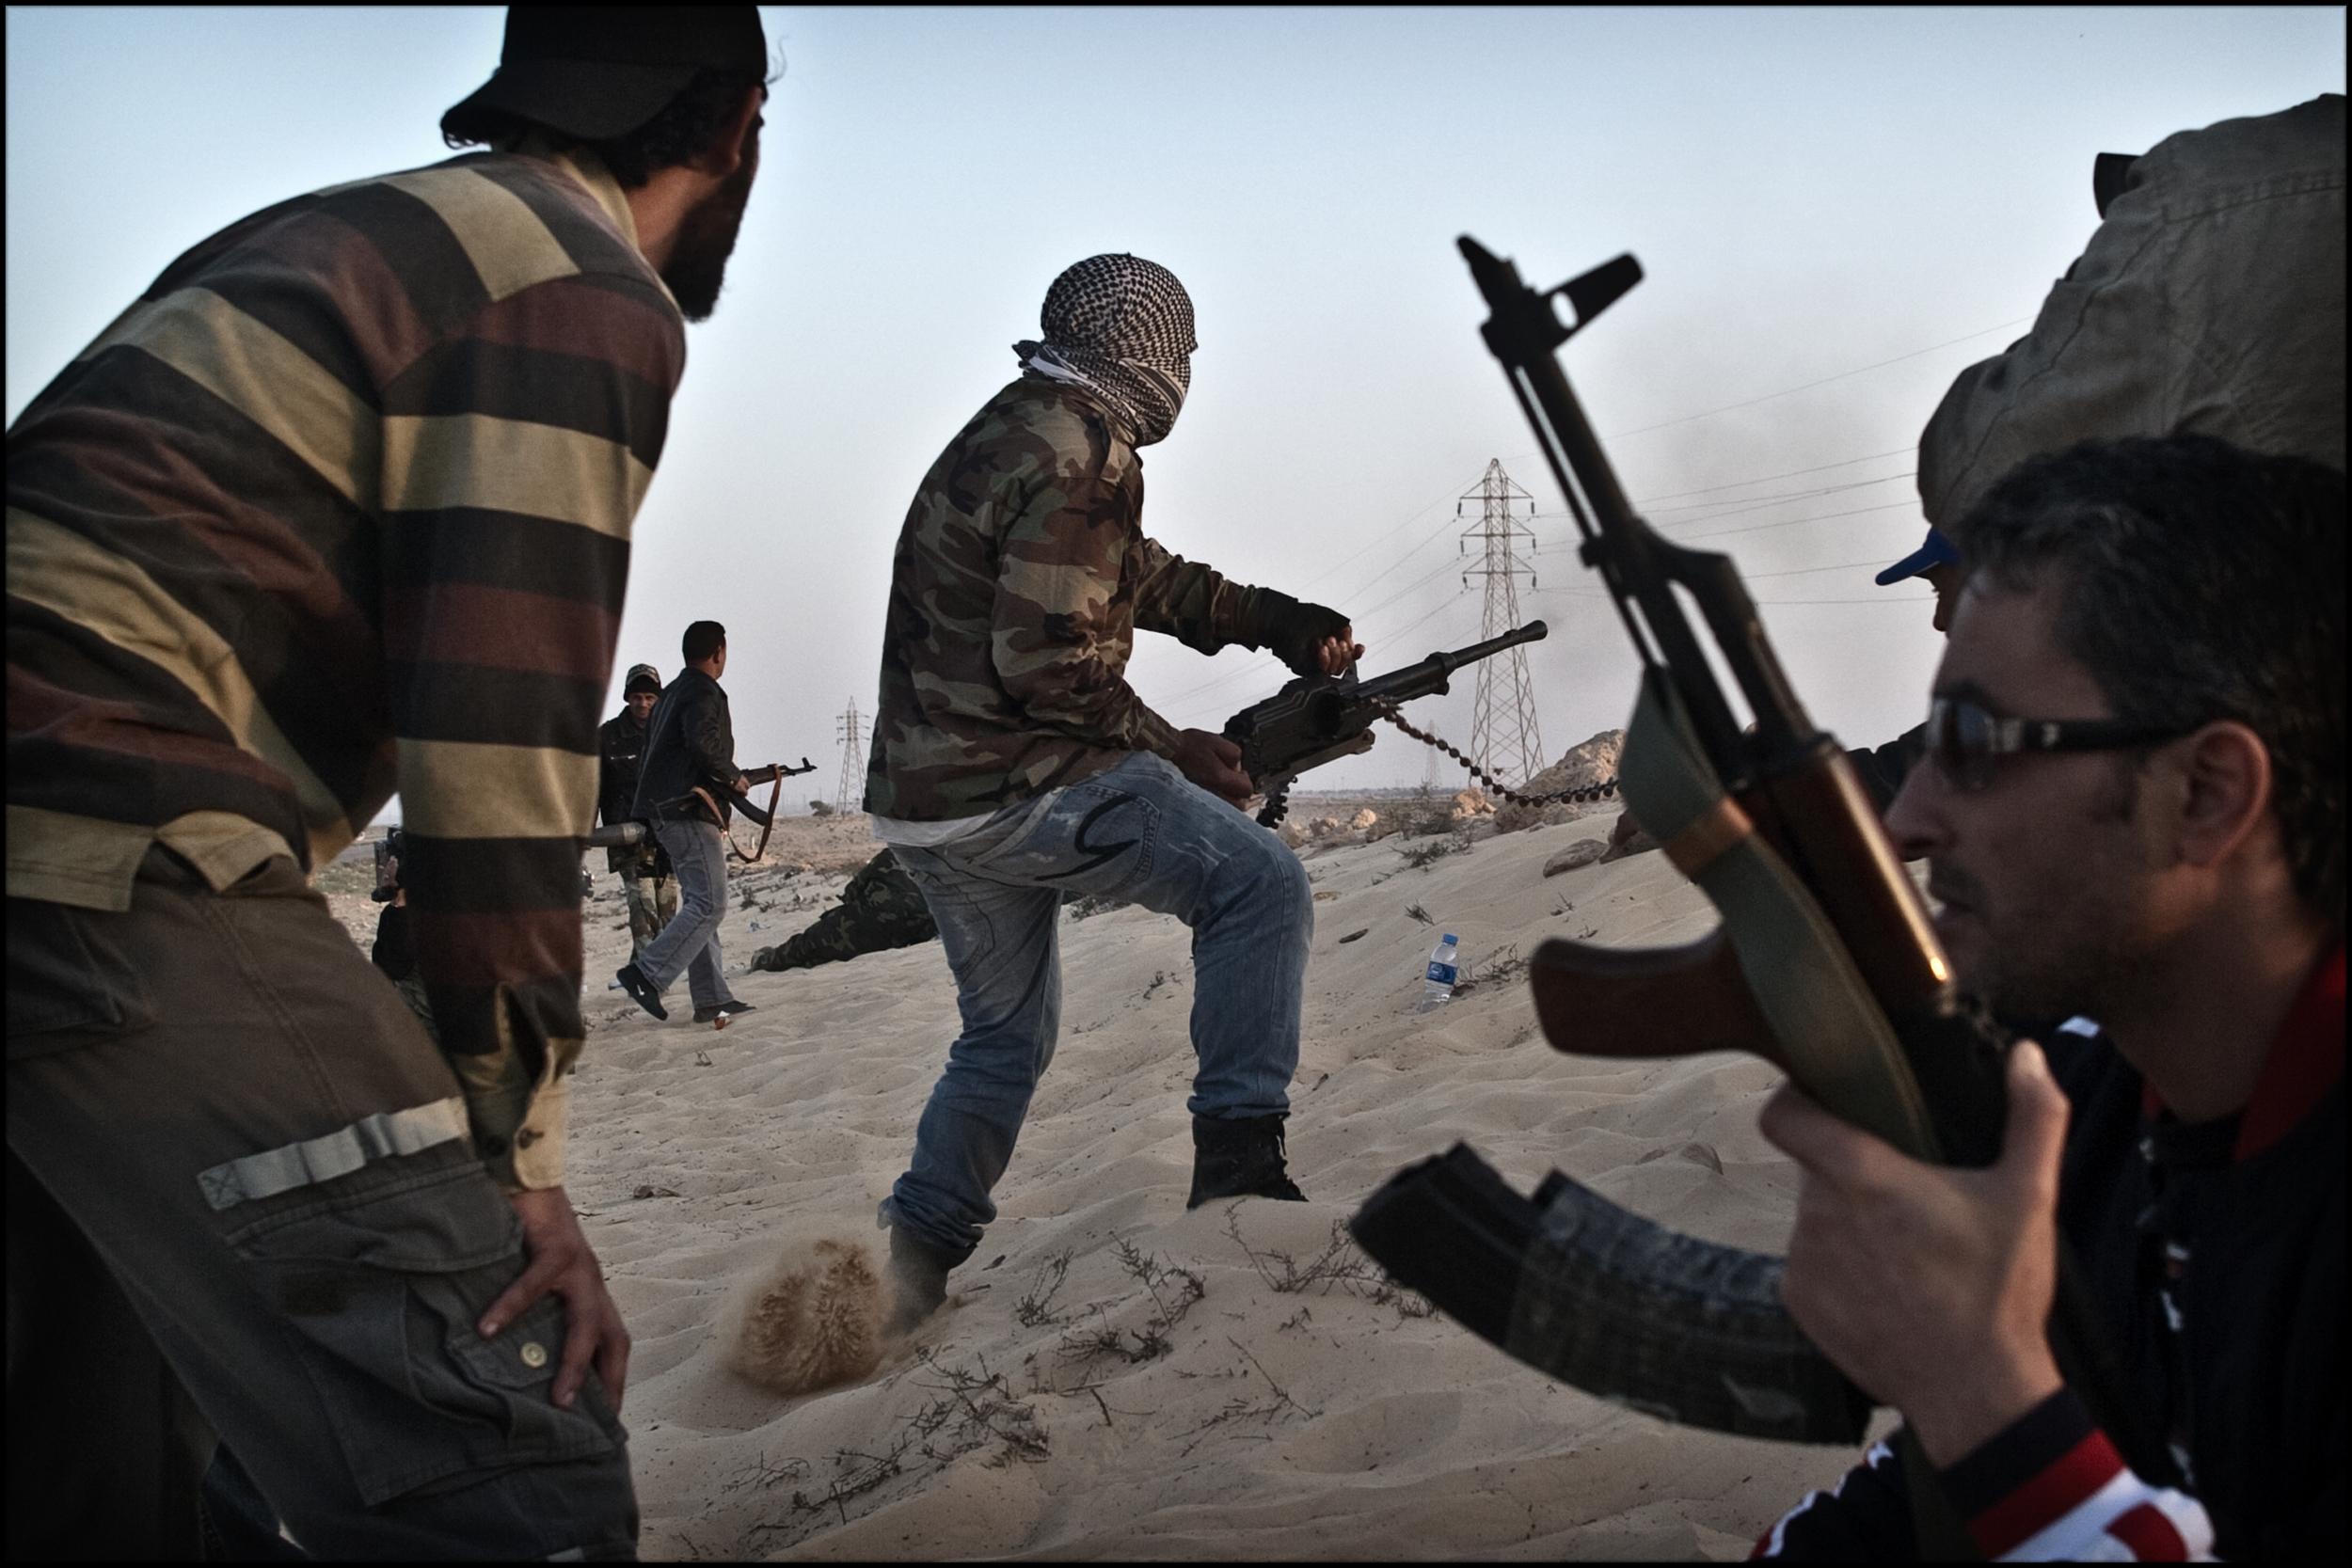 OCHLIK_LIBYA_WAR013.JPG